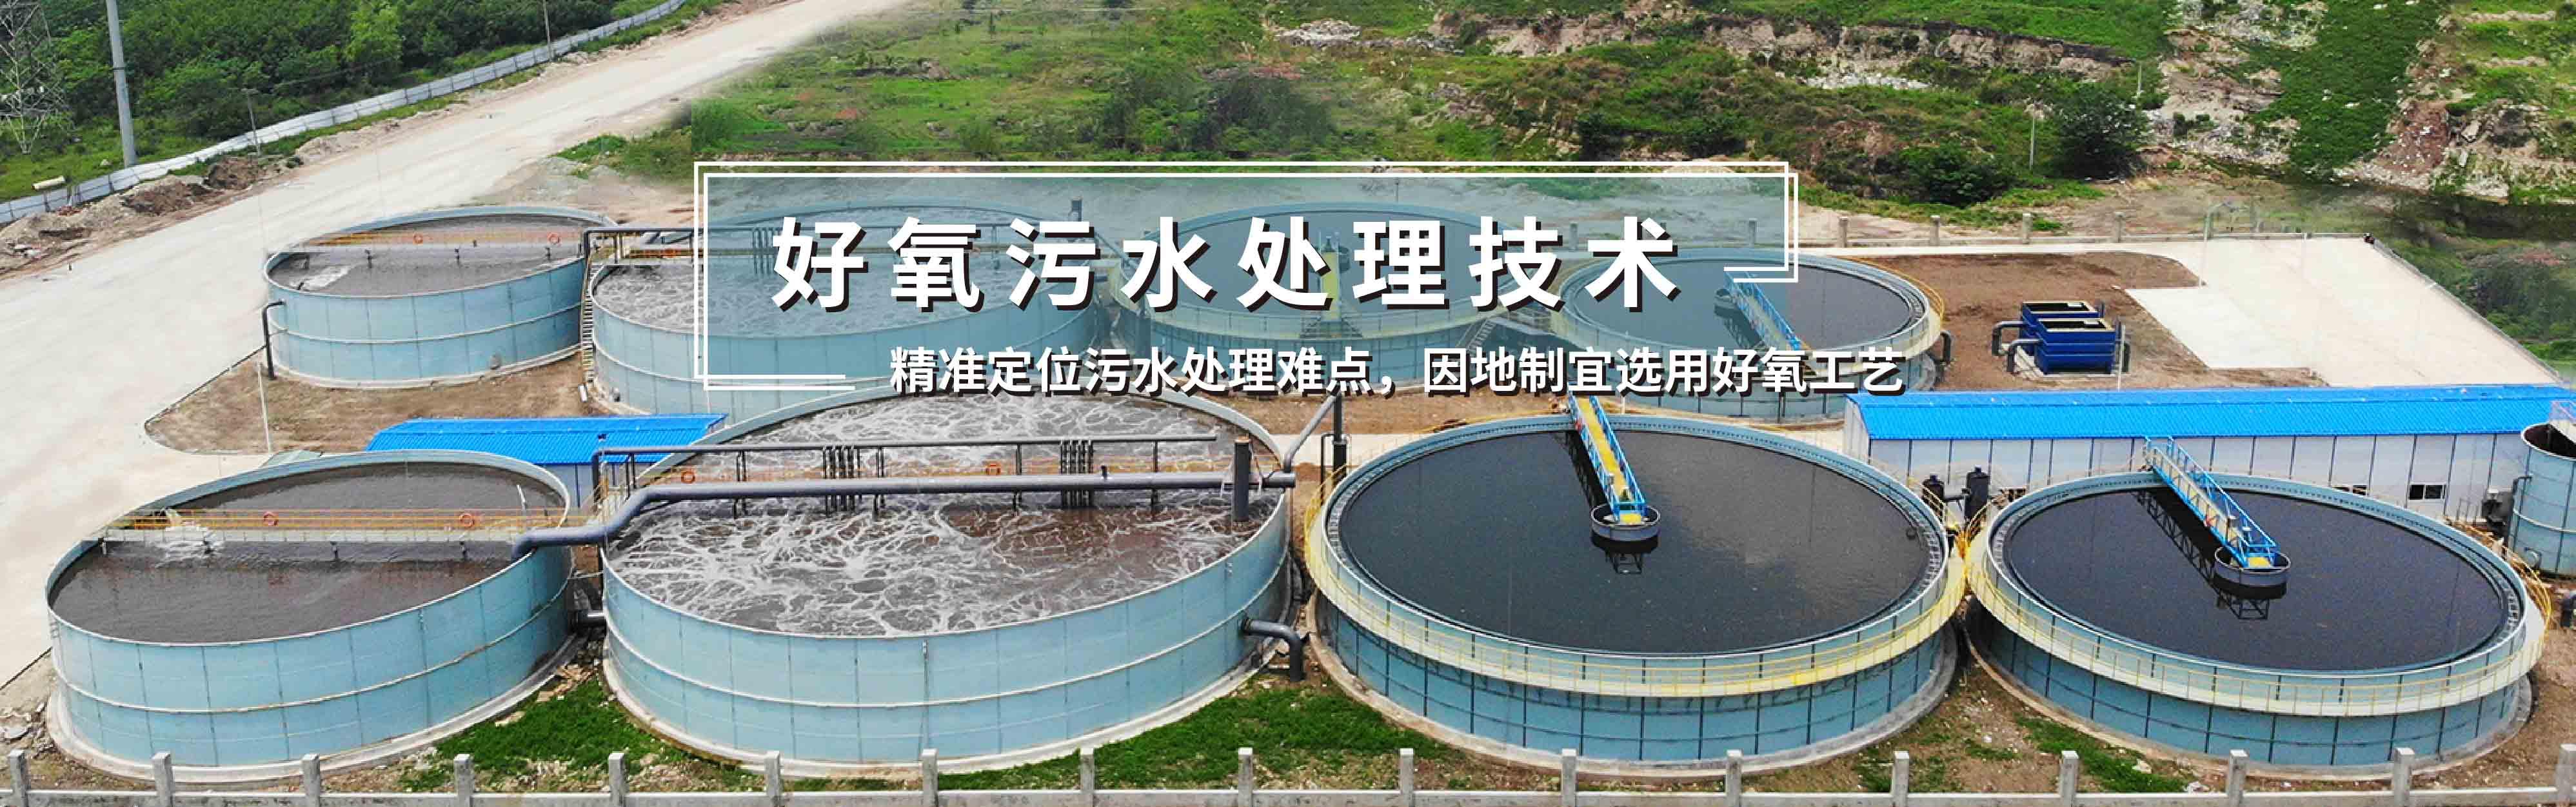 好氧污水处理技术